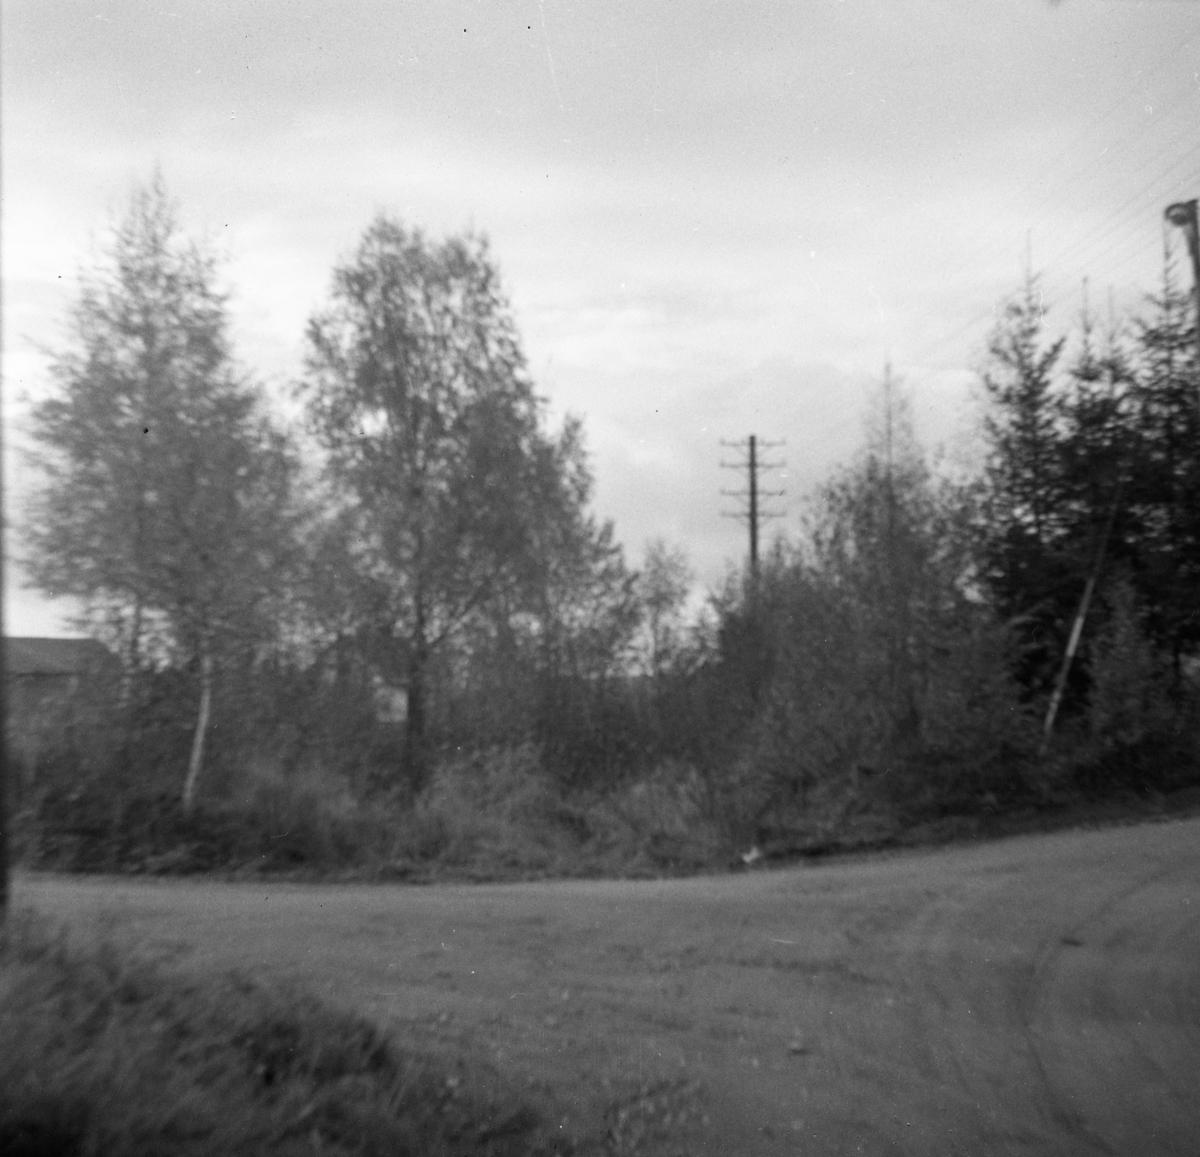 Tertittens tidligere trasé mellom Fossum og Kvevli, her ved Monsrudpensen.